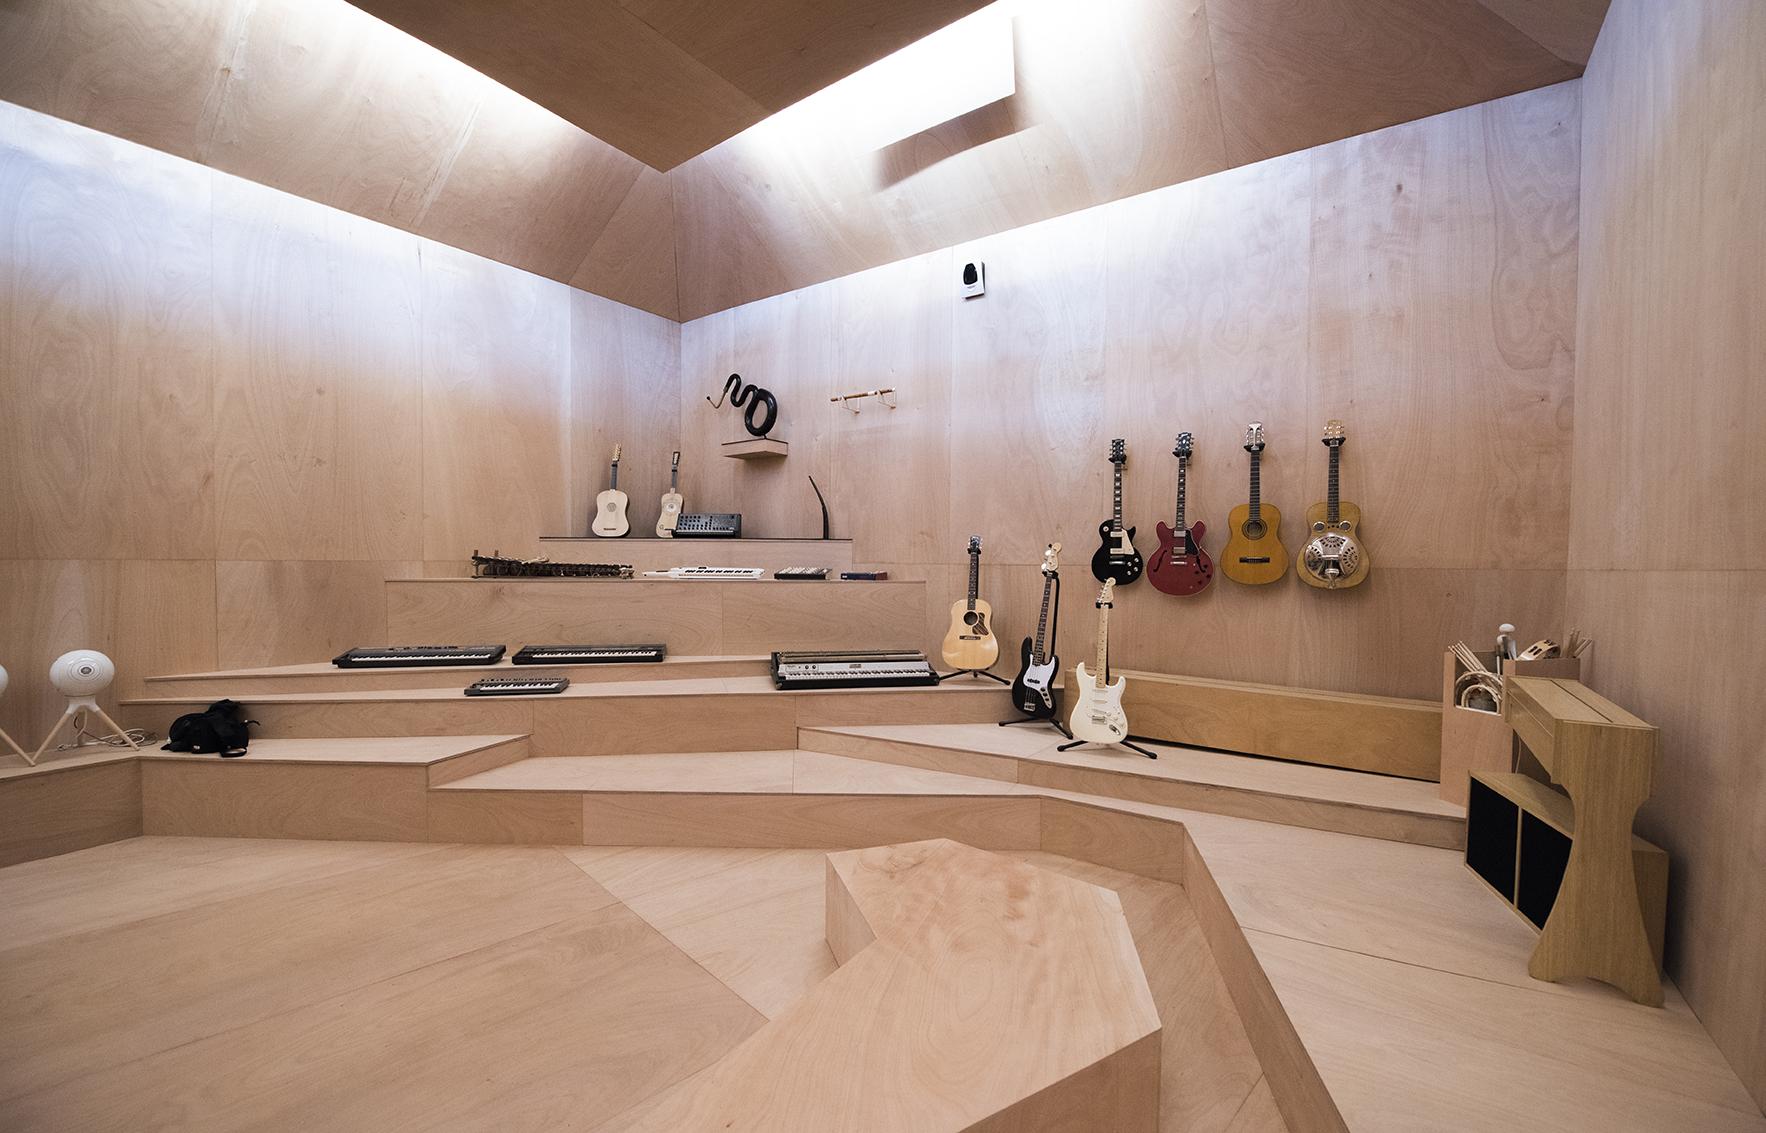 Studio_Venezia_Xavier_Veilhan_Photo_Giacomo_Cosua_LR9.jpg